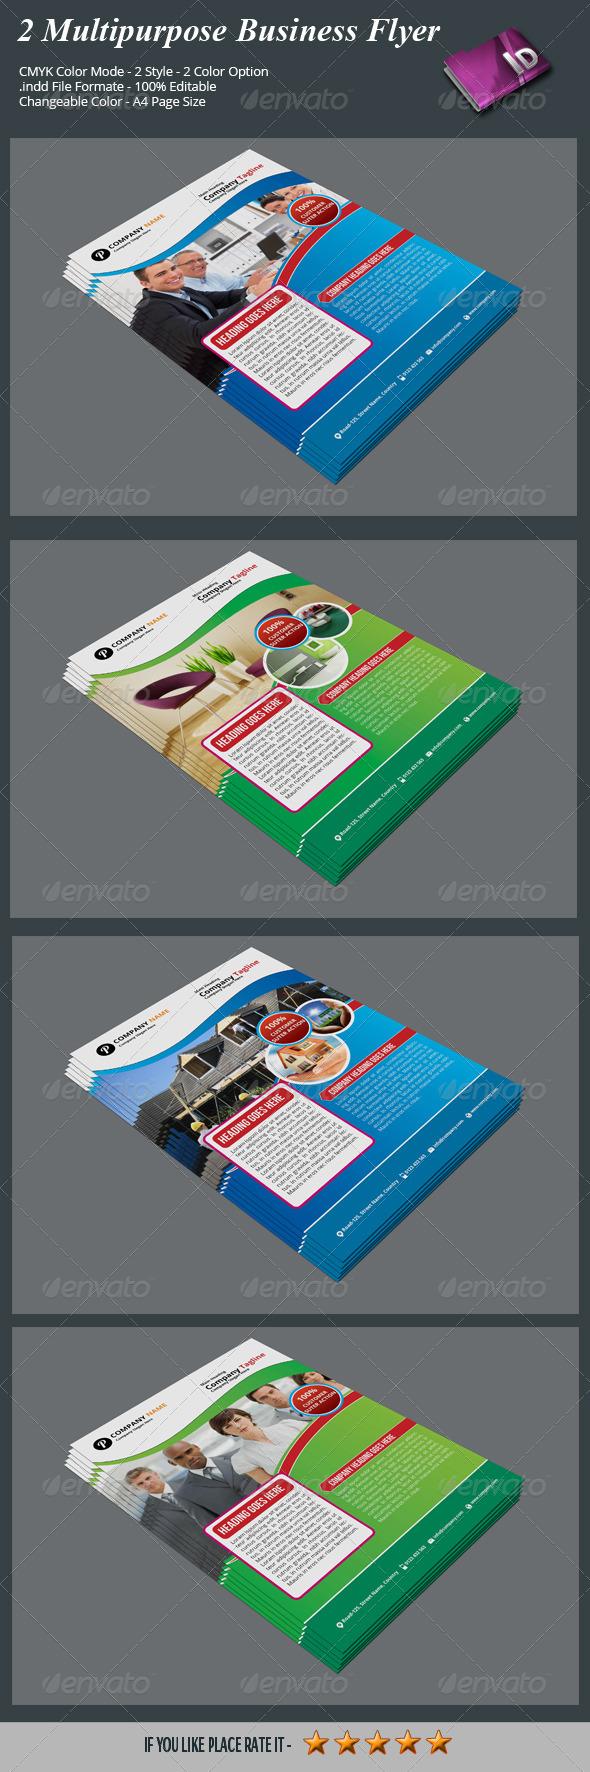 2 Multipurpose Business Flyer